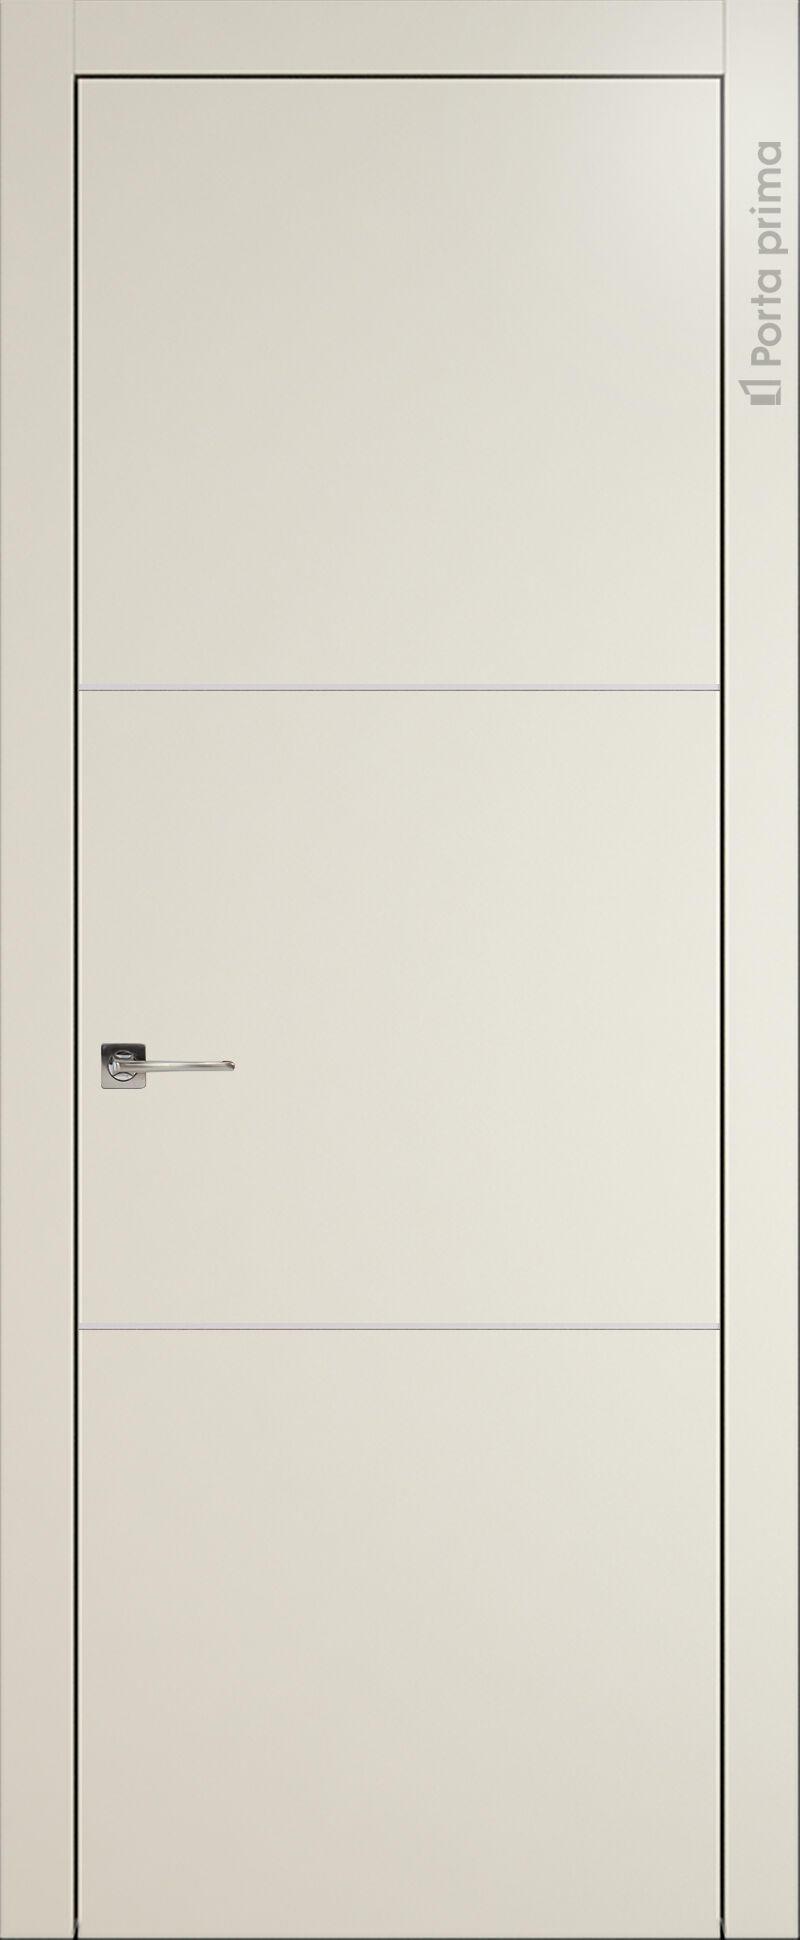 Tivoli В-3 цвет - Жемчужная эмаль (RAL 1013) Без стекла (ДГ)